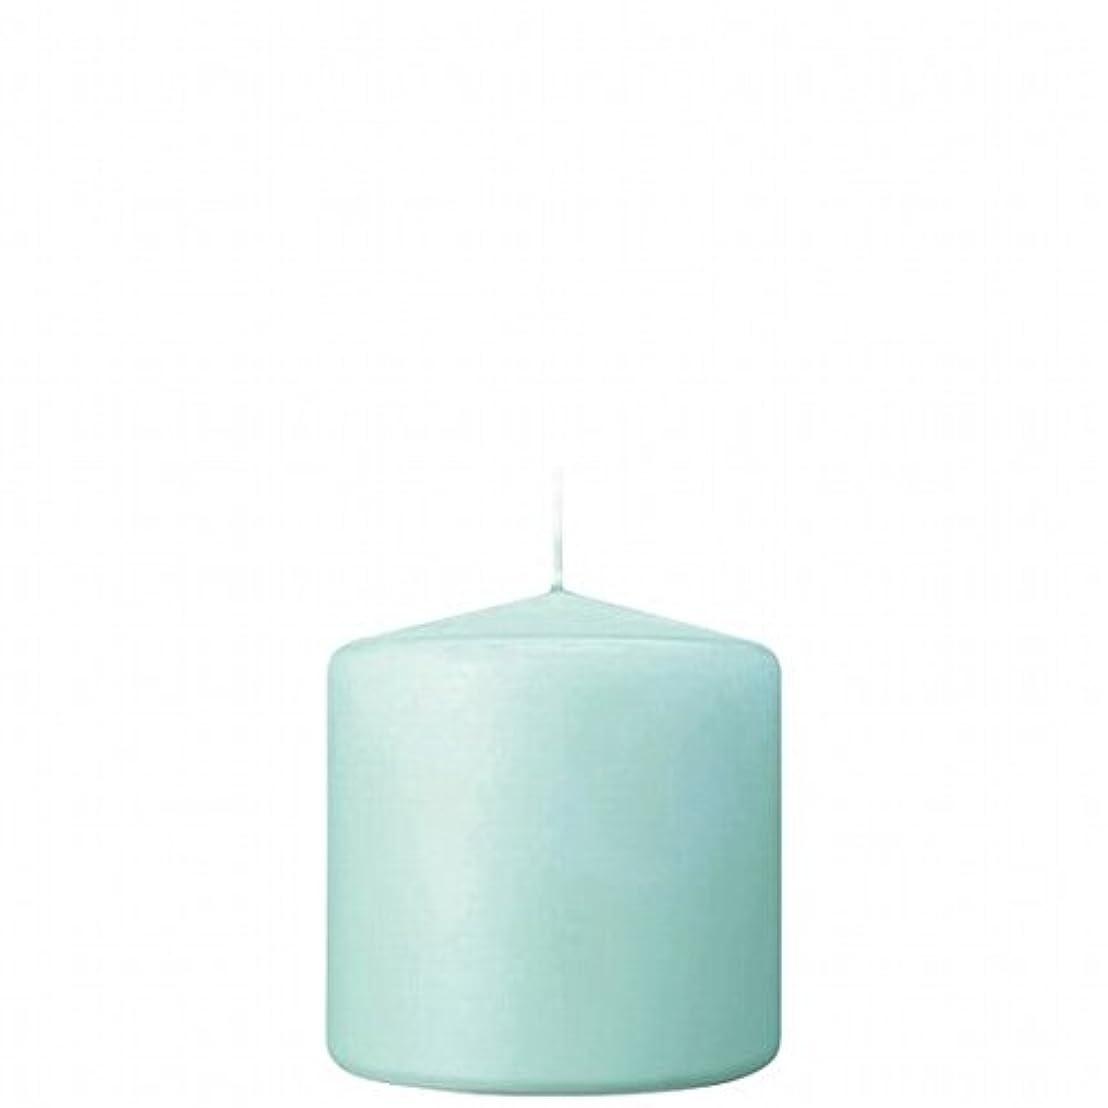 ポーチに同意する鋼kameyama candle(カメヤマキャンドル) 3×3ベルトップピラーキャンドル 「 ライトブルー 」(A9730000LB)